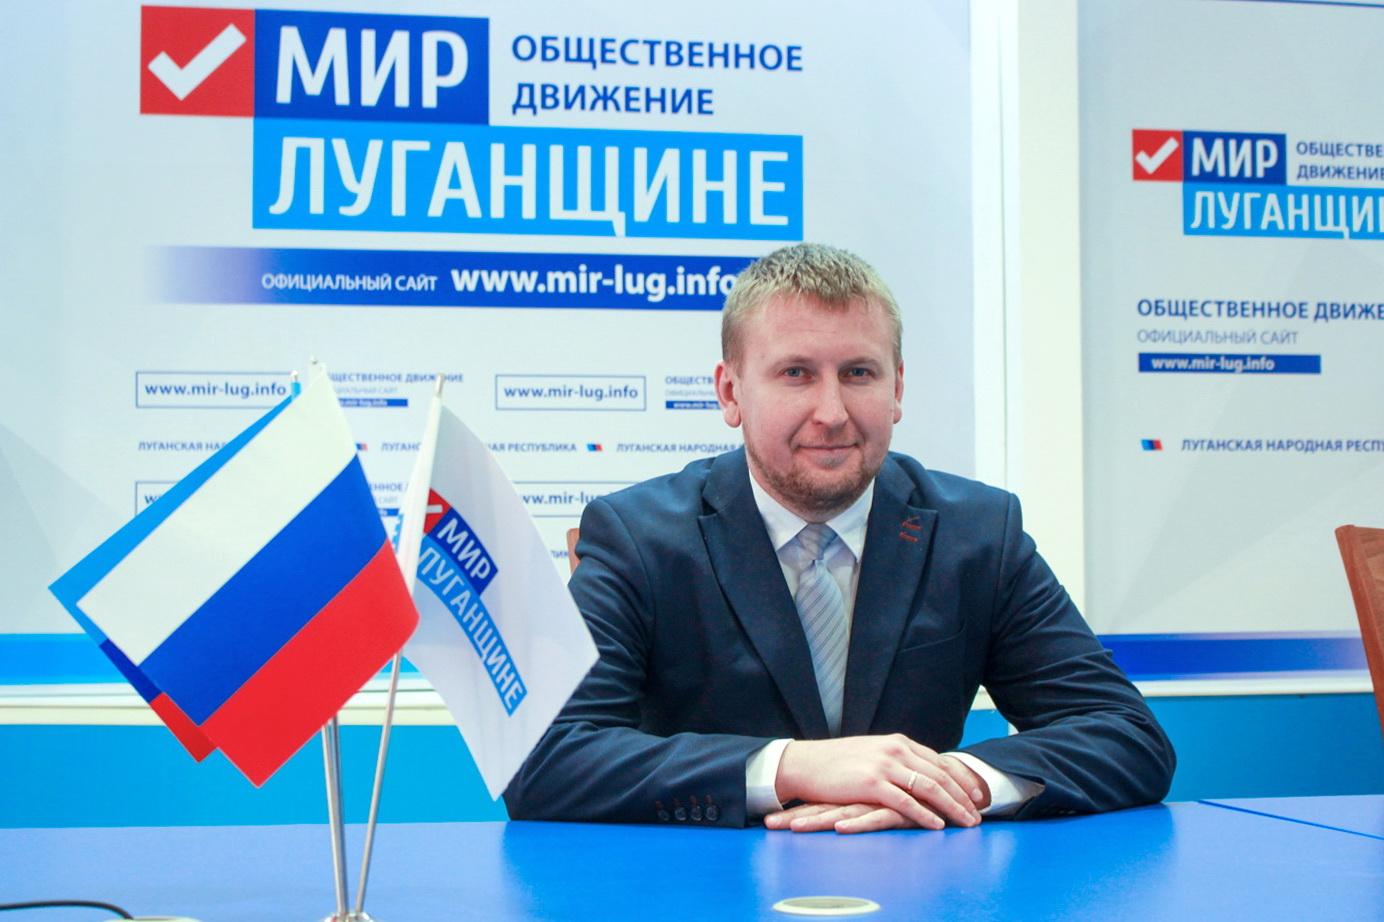 ОД «Мир Луганщине» инициирует внесение поправок в законодательство: в парламент пройдут только самые достойные